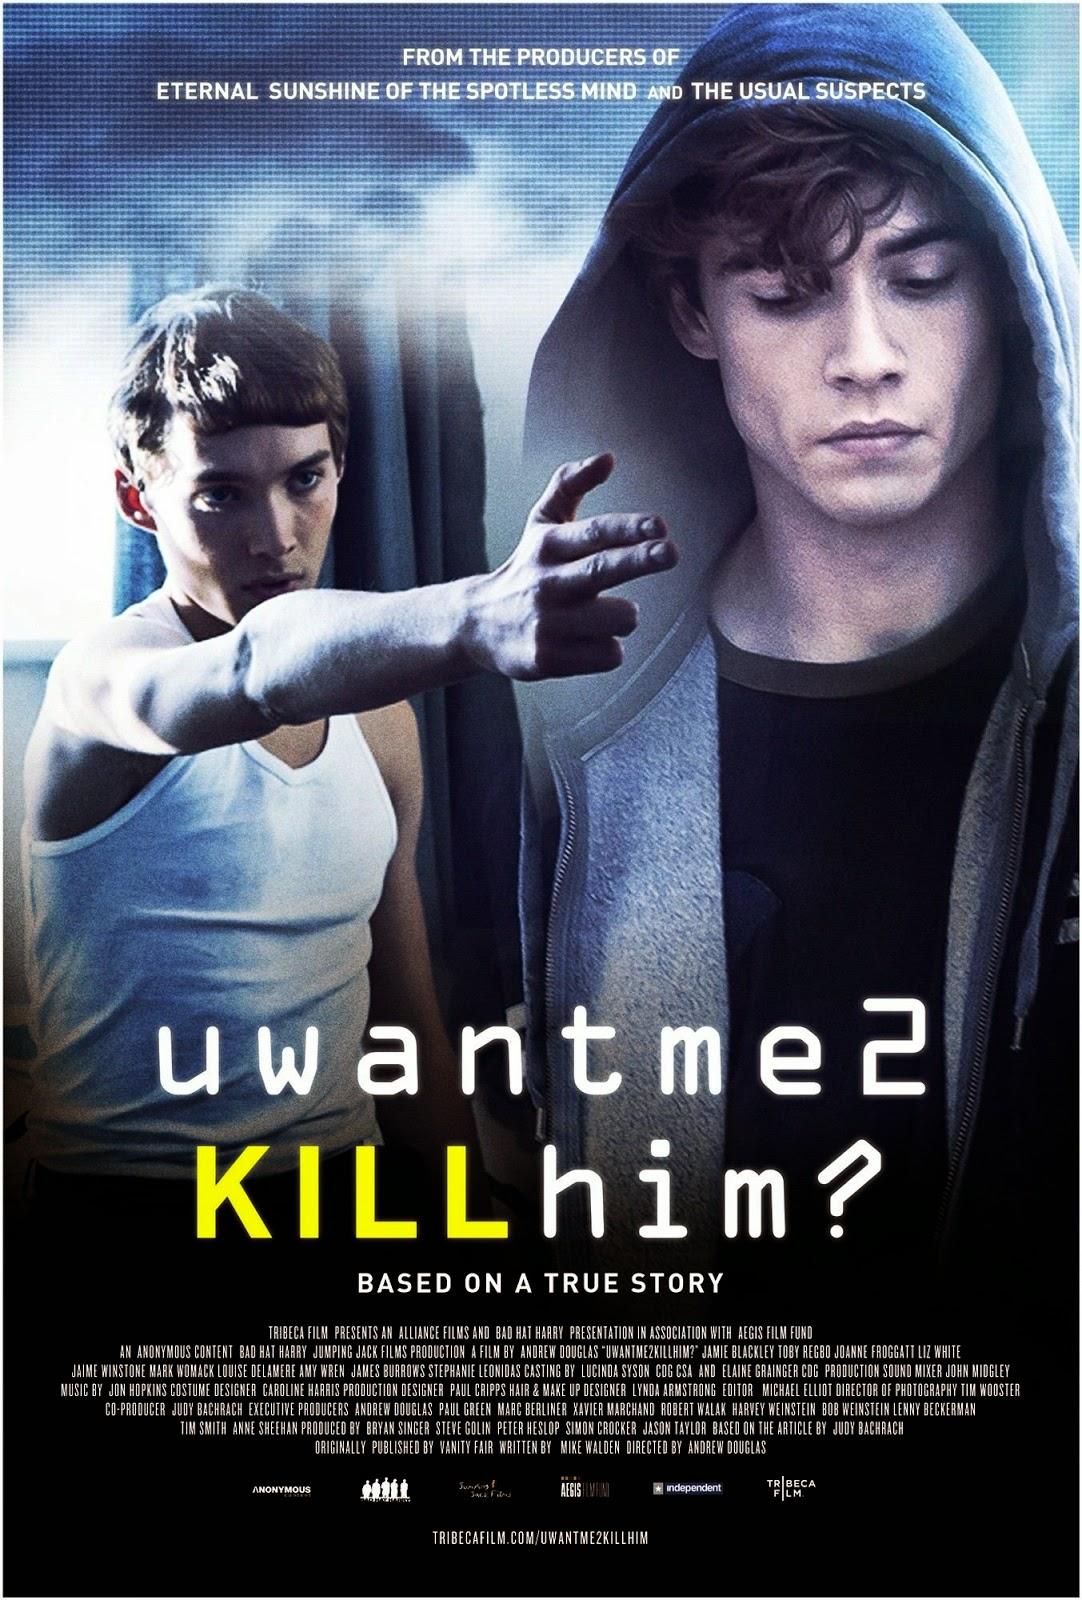 Watch uwantme2killhim? Movie